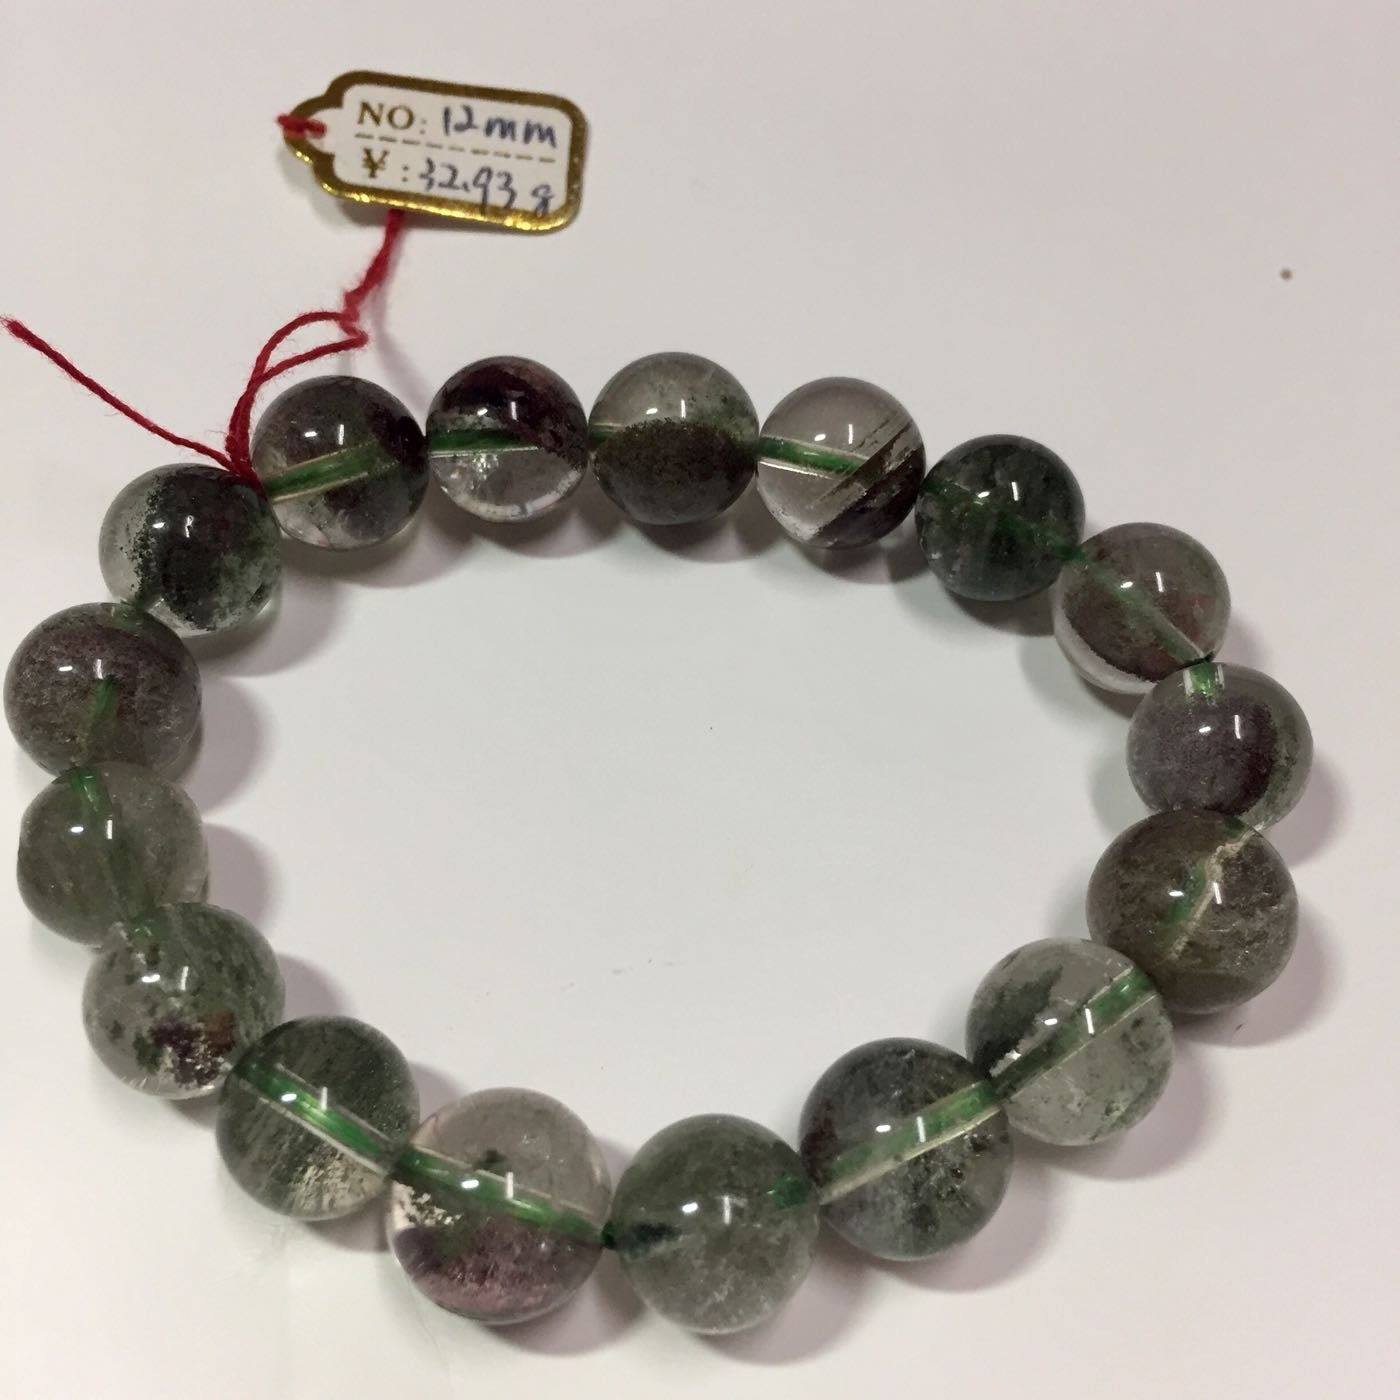 綠幽靈 手珠 天然水晶 水晶手鏈 聚寶盆 招財 能量 出清價